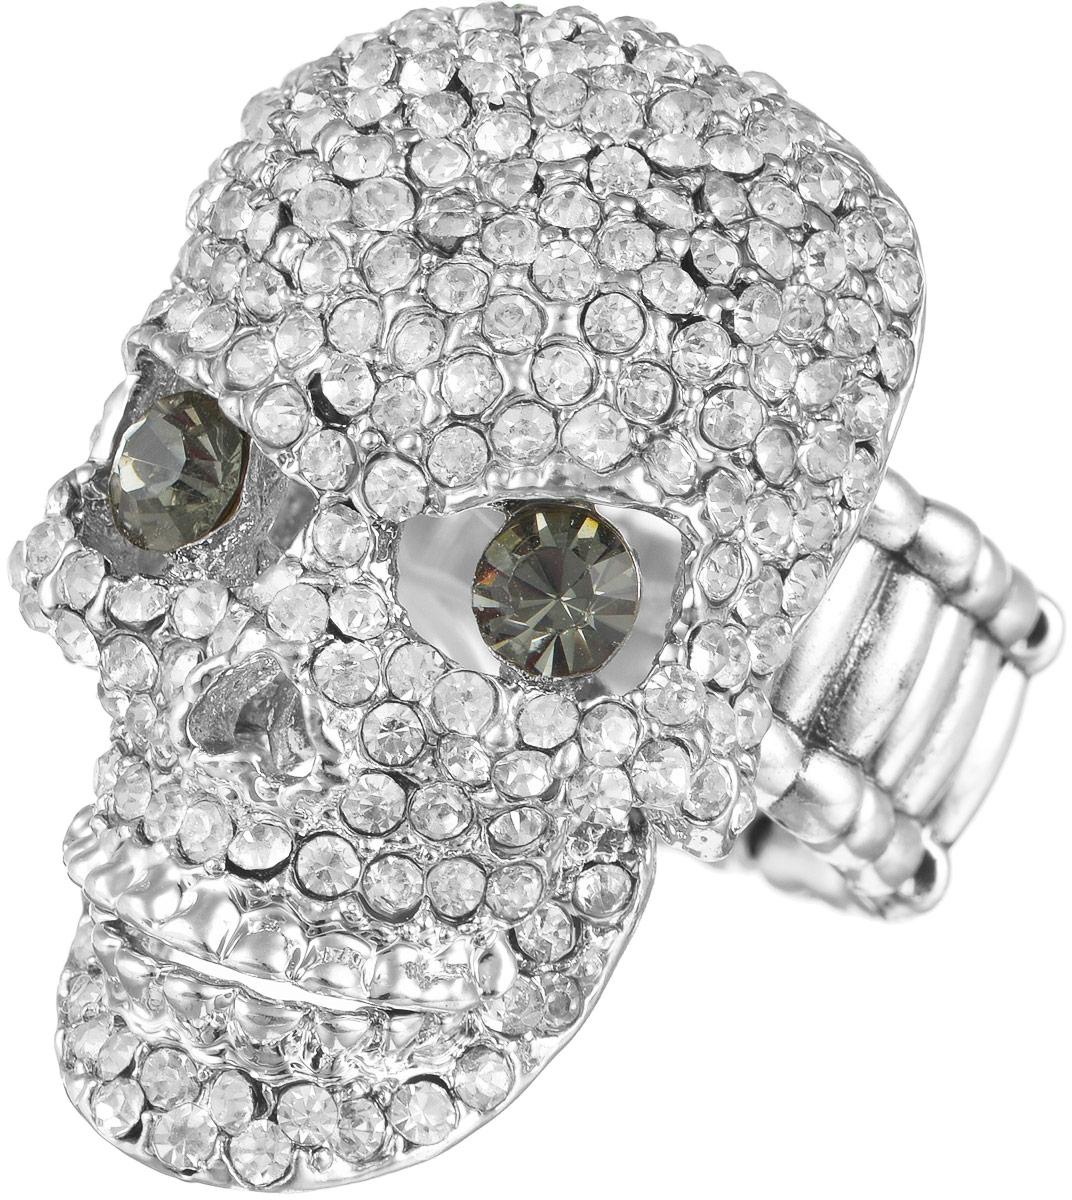 Кольцо женское Taya, цвет: серебристый, зеленый. T-B-9262Кольцо для платкаОригинальное безразмерное кольцо Taya выполнено из бижутерного сплава, оформлено в виде черепа и инкрустировано стразами. Нижняя челюсть подвижная, может открываться и закрываться. Регулируется кольцо с помощью эластичной резинки.Такое кольцо это блестящее завершение вашего неповторимого и смелого образа и отличный подарок для ценительницы необычных украшений!